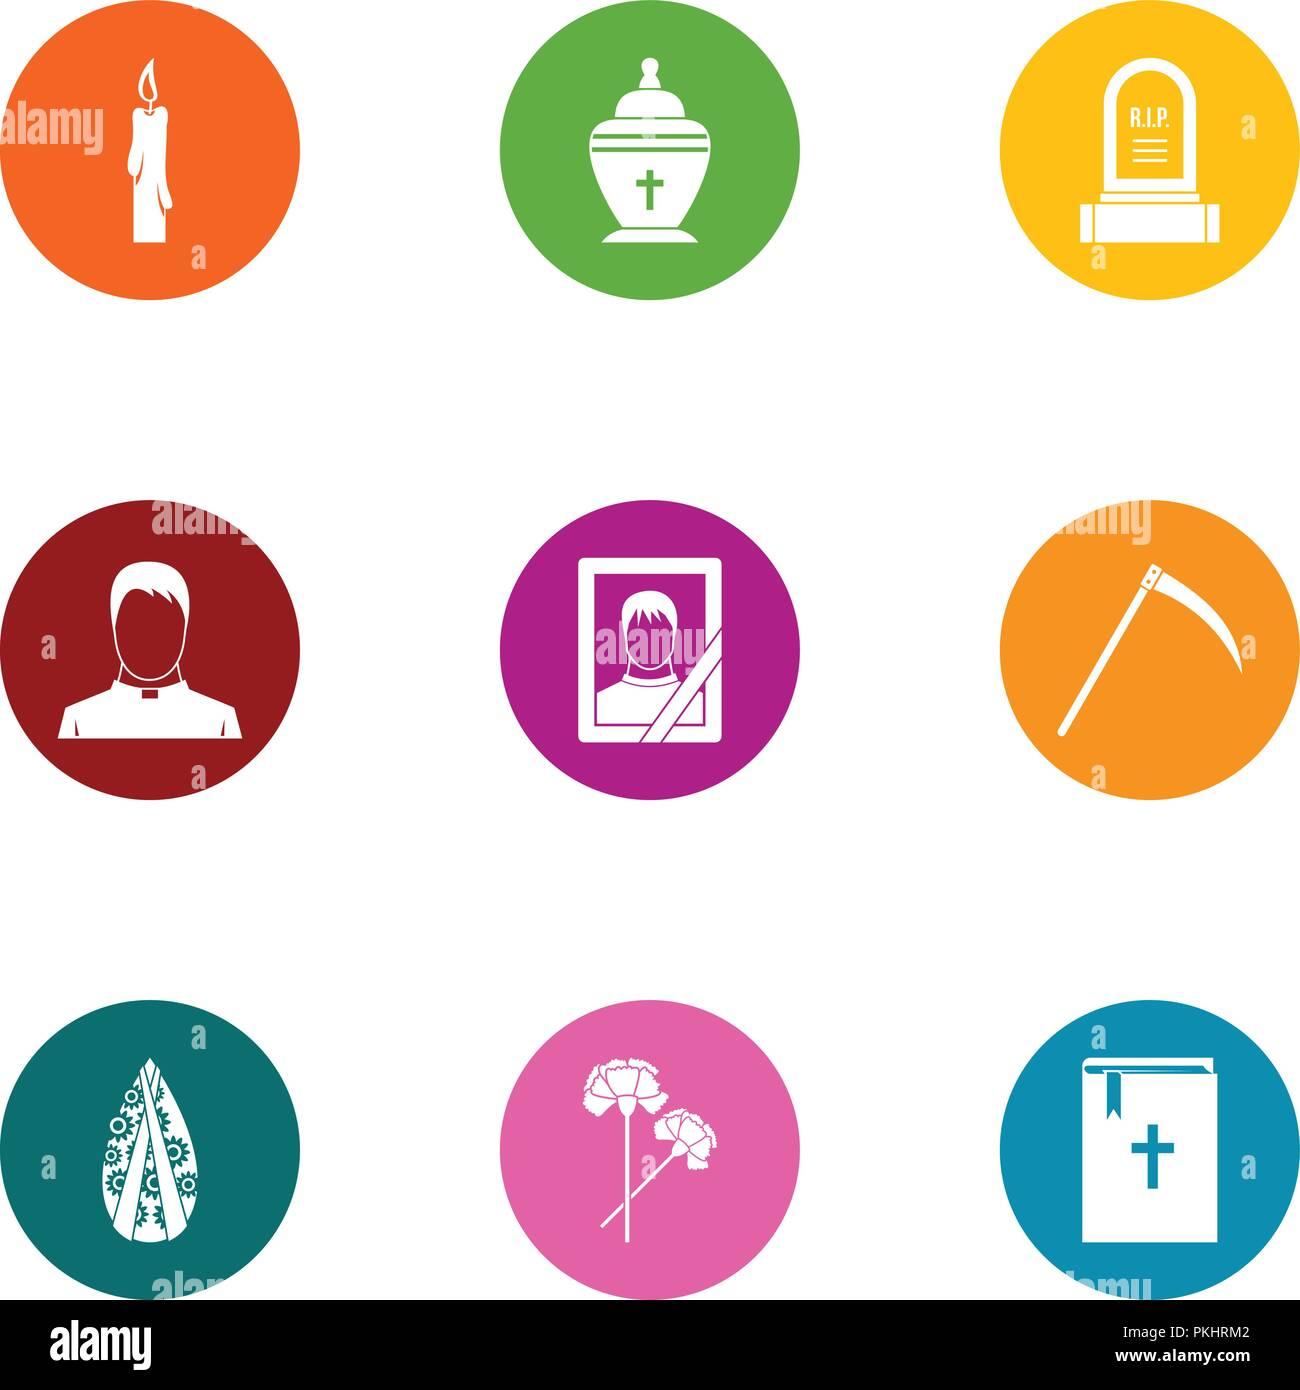 Death border icons set, flat style - Stock Image